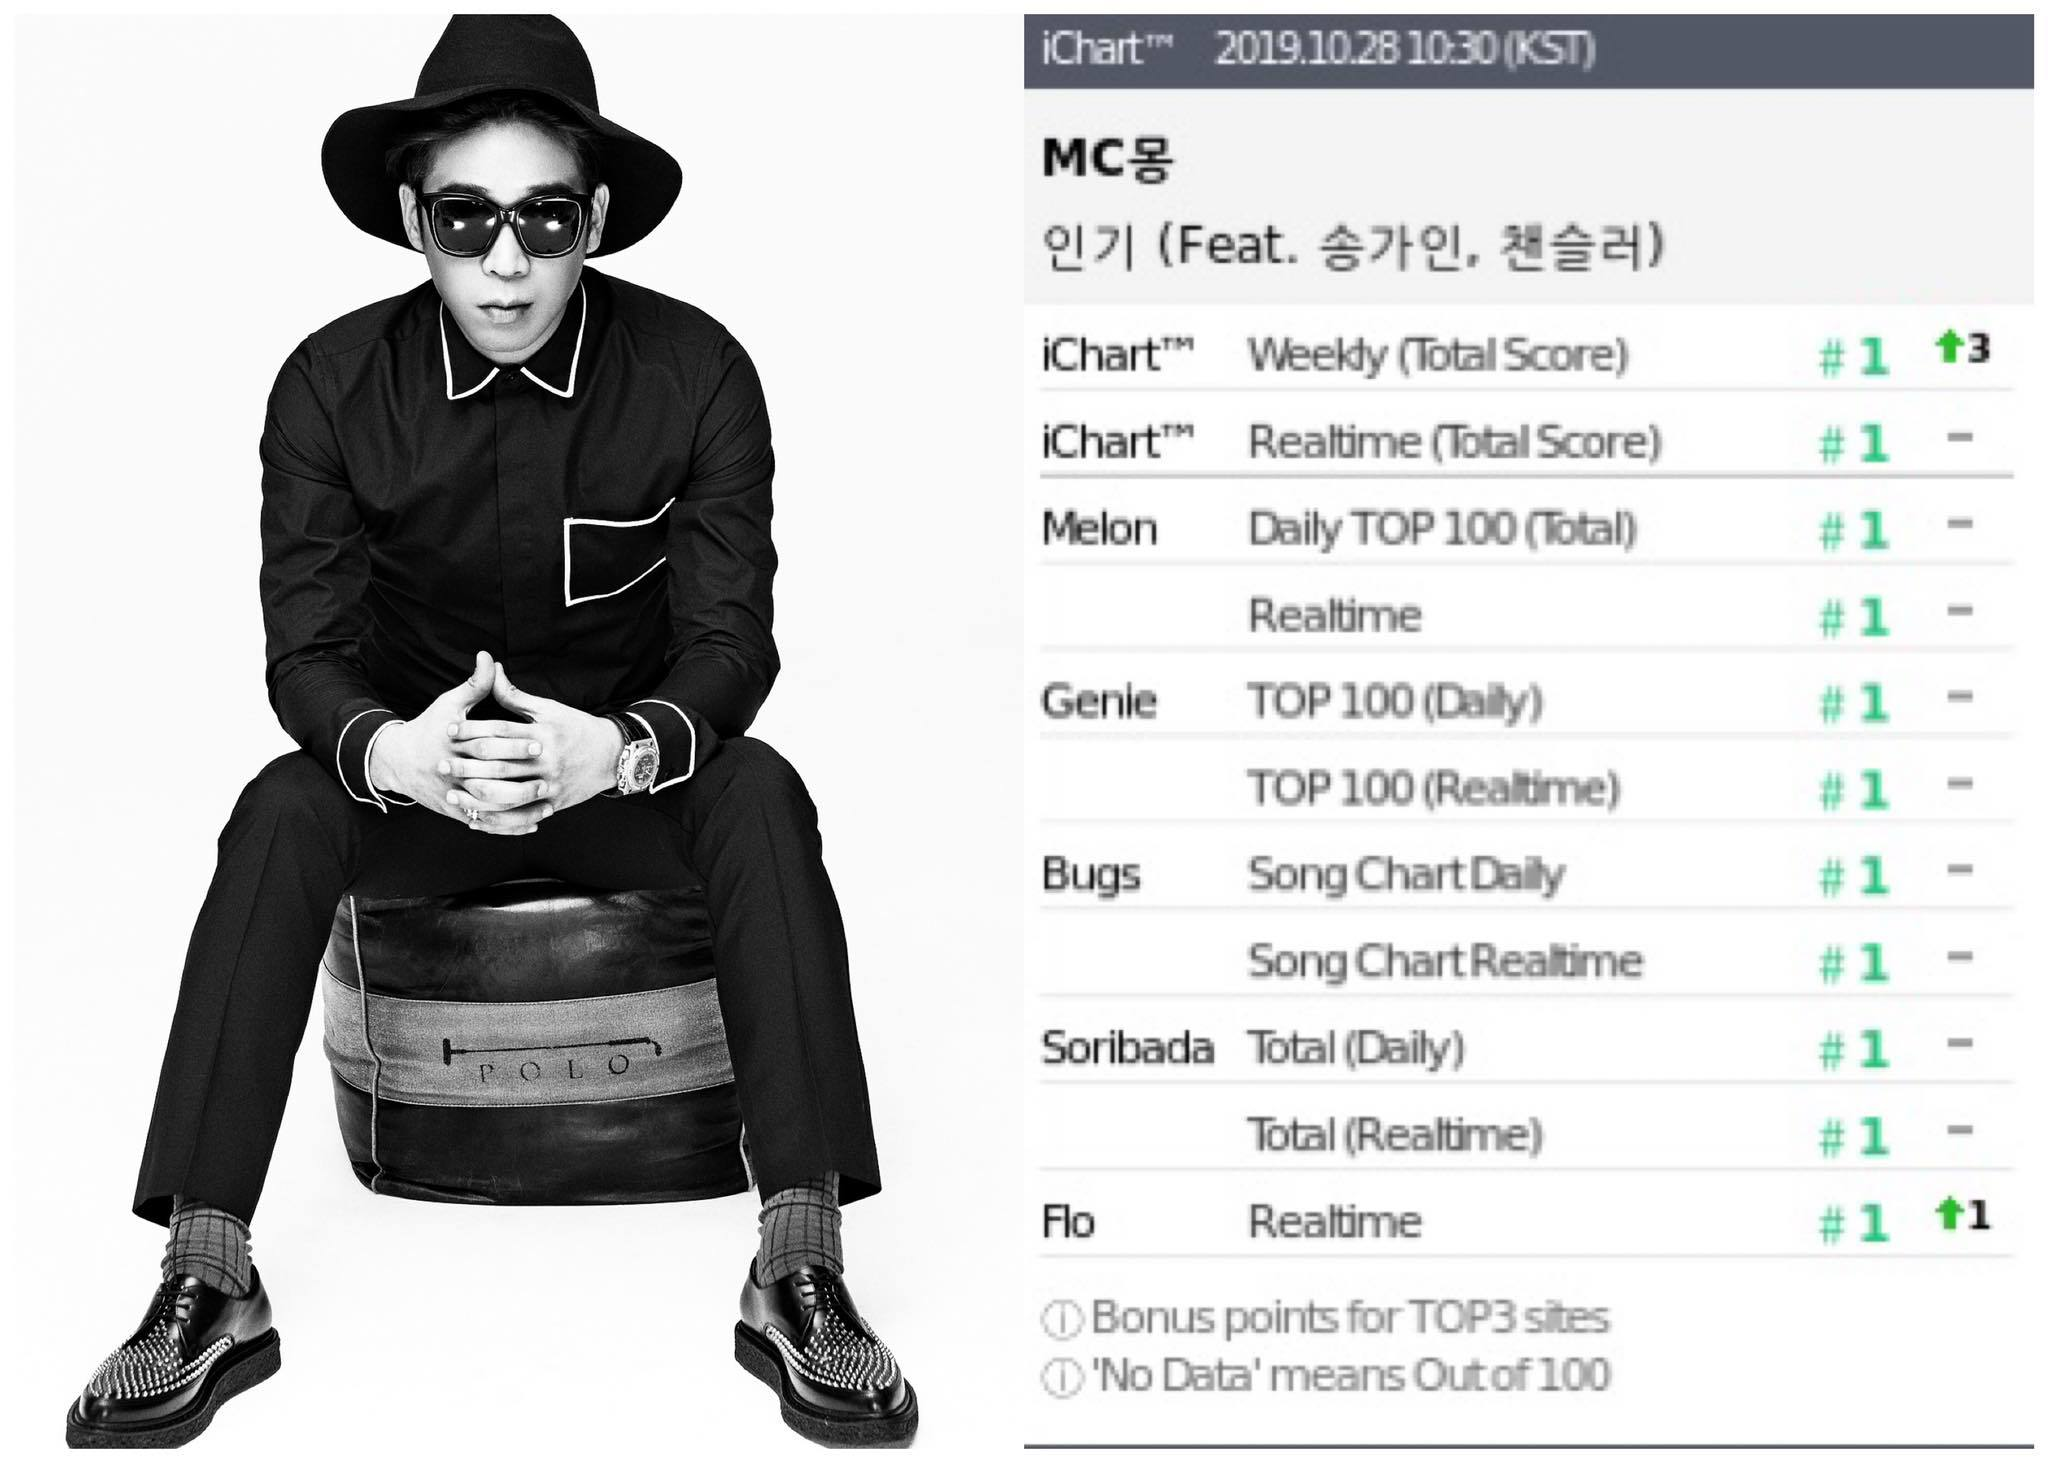 Sao Hàn,TWICE,BTS,Blackpink,tái xuất,giải thưởng,Mina,chấn thương tâm lý,JYP,Sunmi